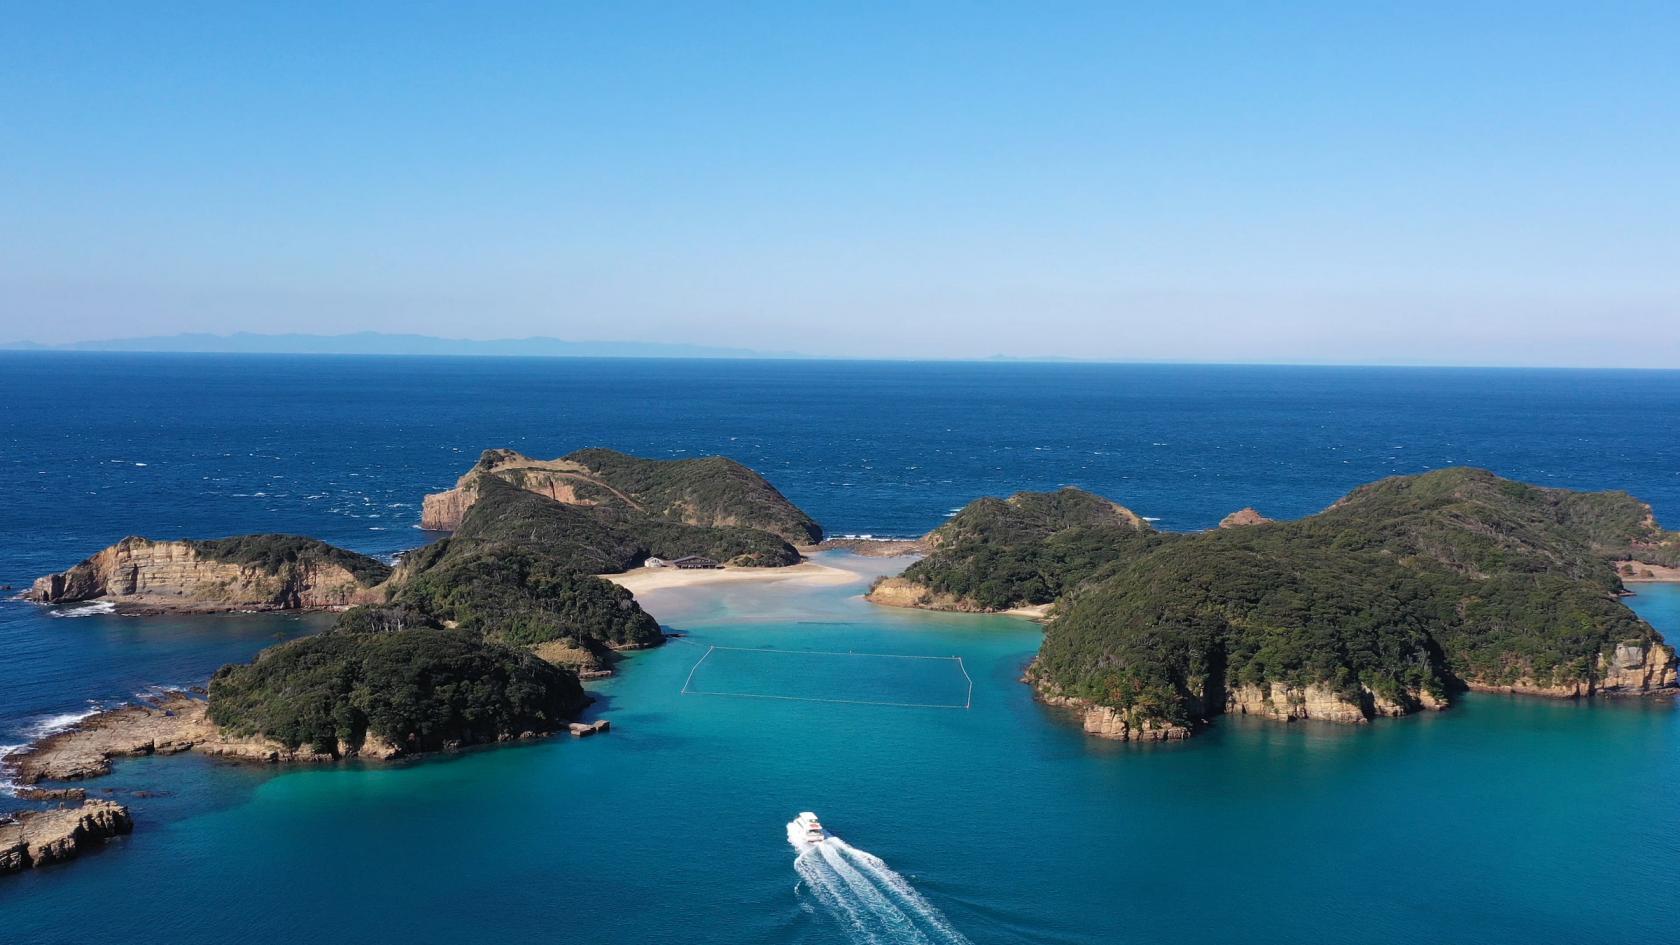 春から秋まで楽しめる、絶景スポット満載の無人島-1